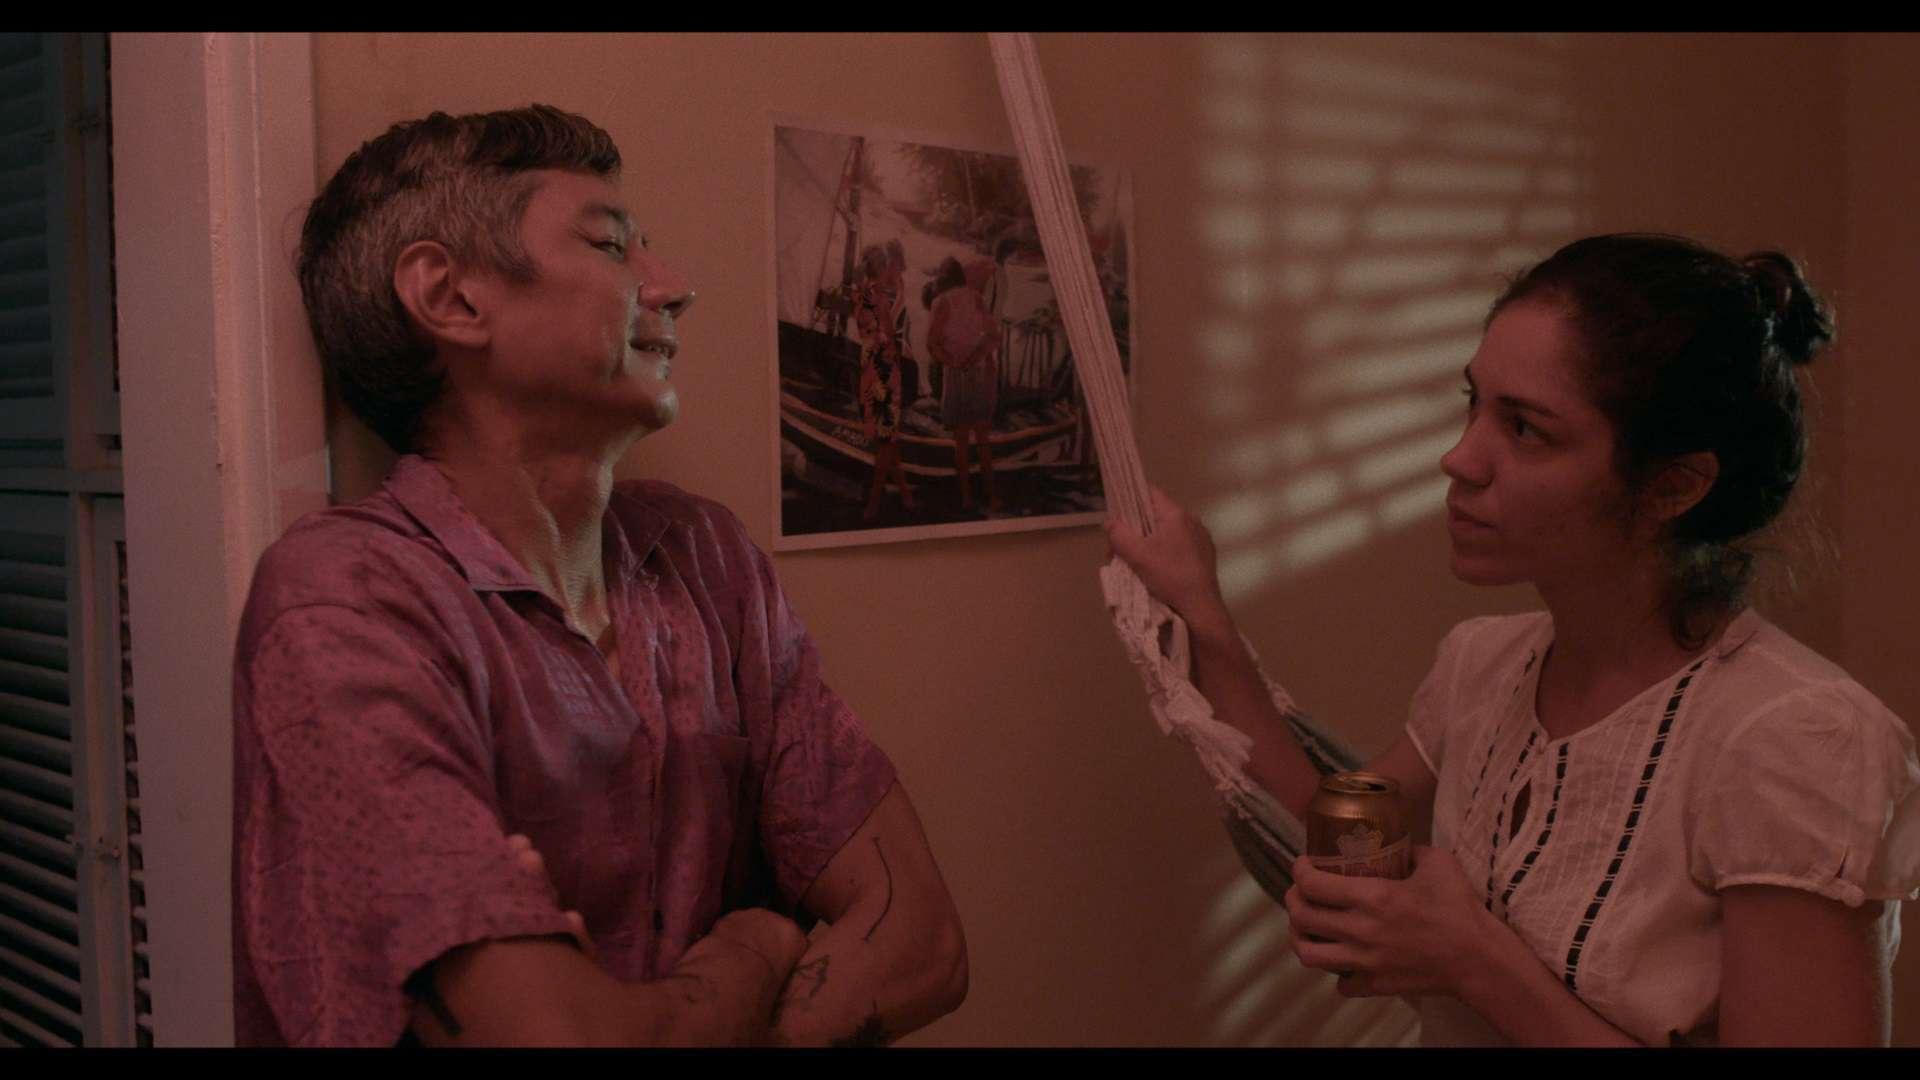 Dirigido por Pedro Diógenes, Pajeú mistura documentário e ficção a partir do desaparecimento do riacho-título